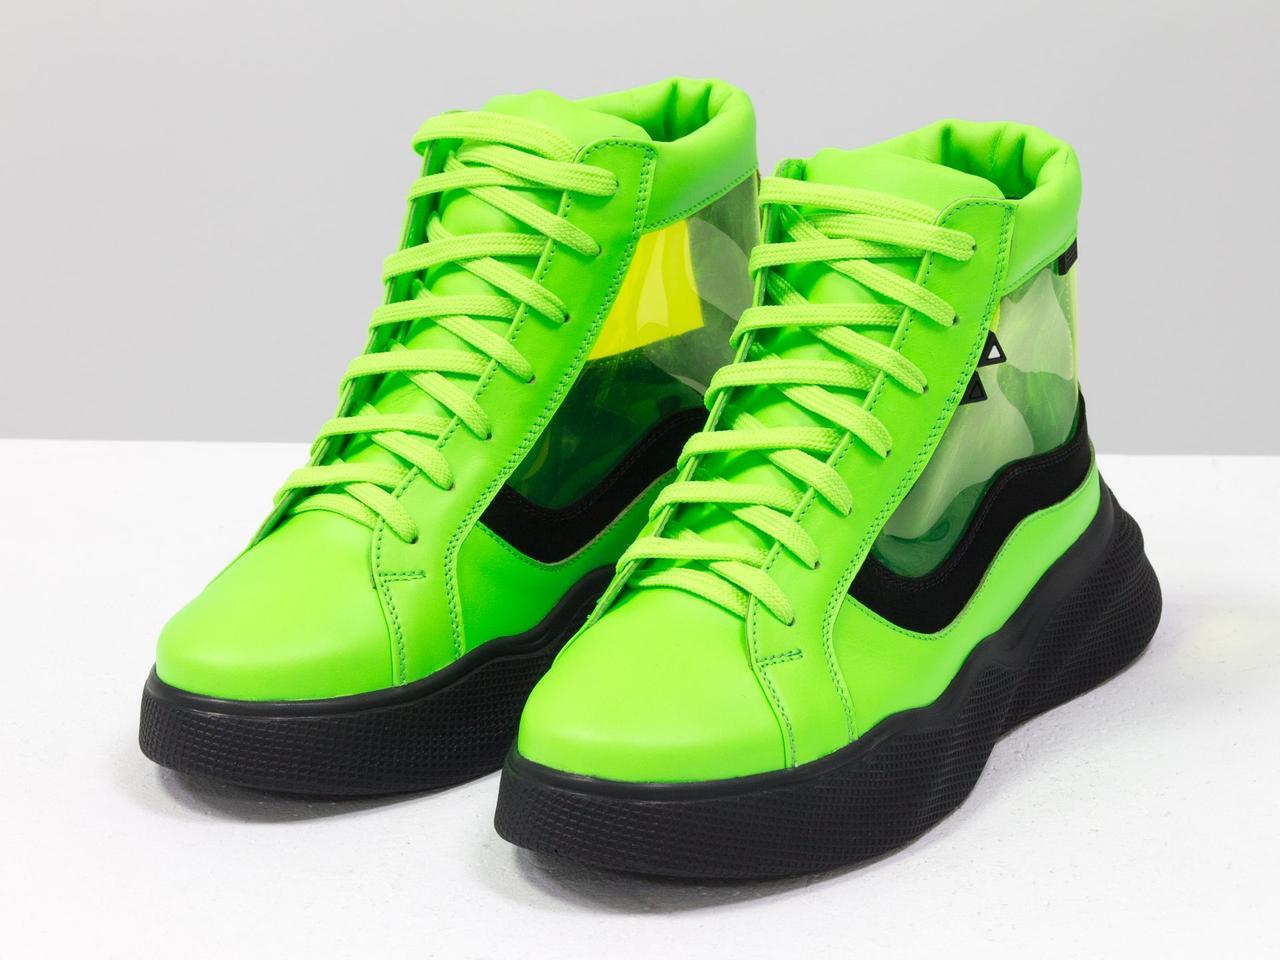 Дизайнерские прозрачные ботинки из натуральной неоновой кожи салатового и черного цвета - фото 6